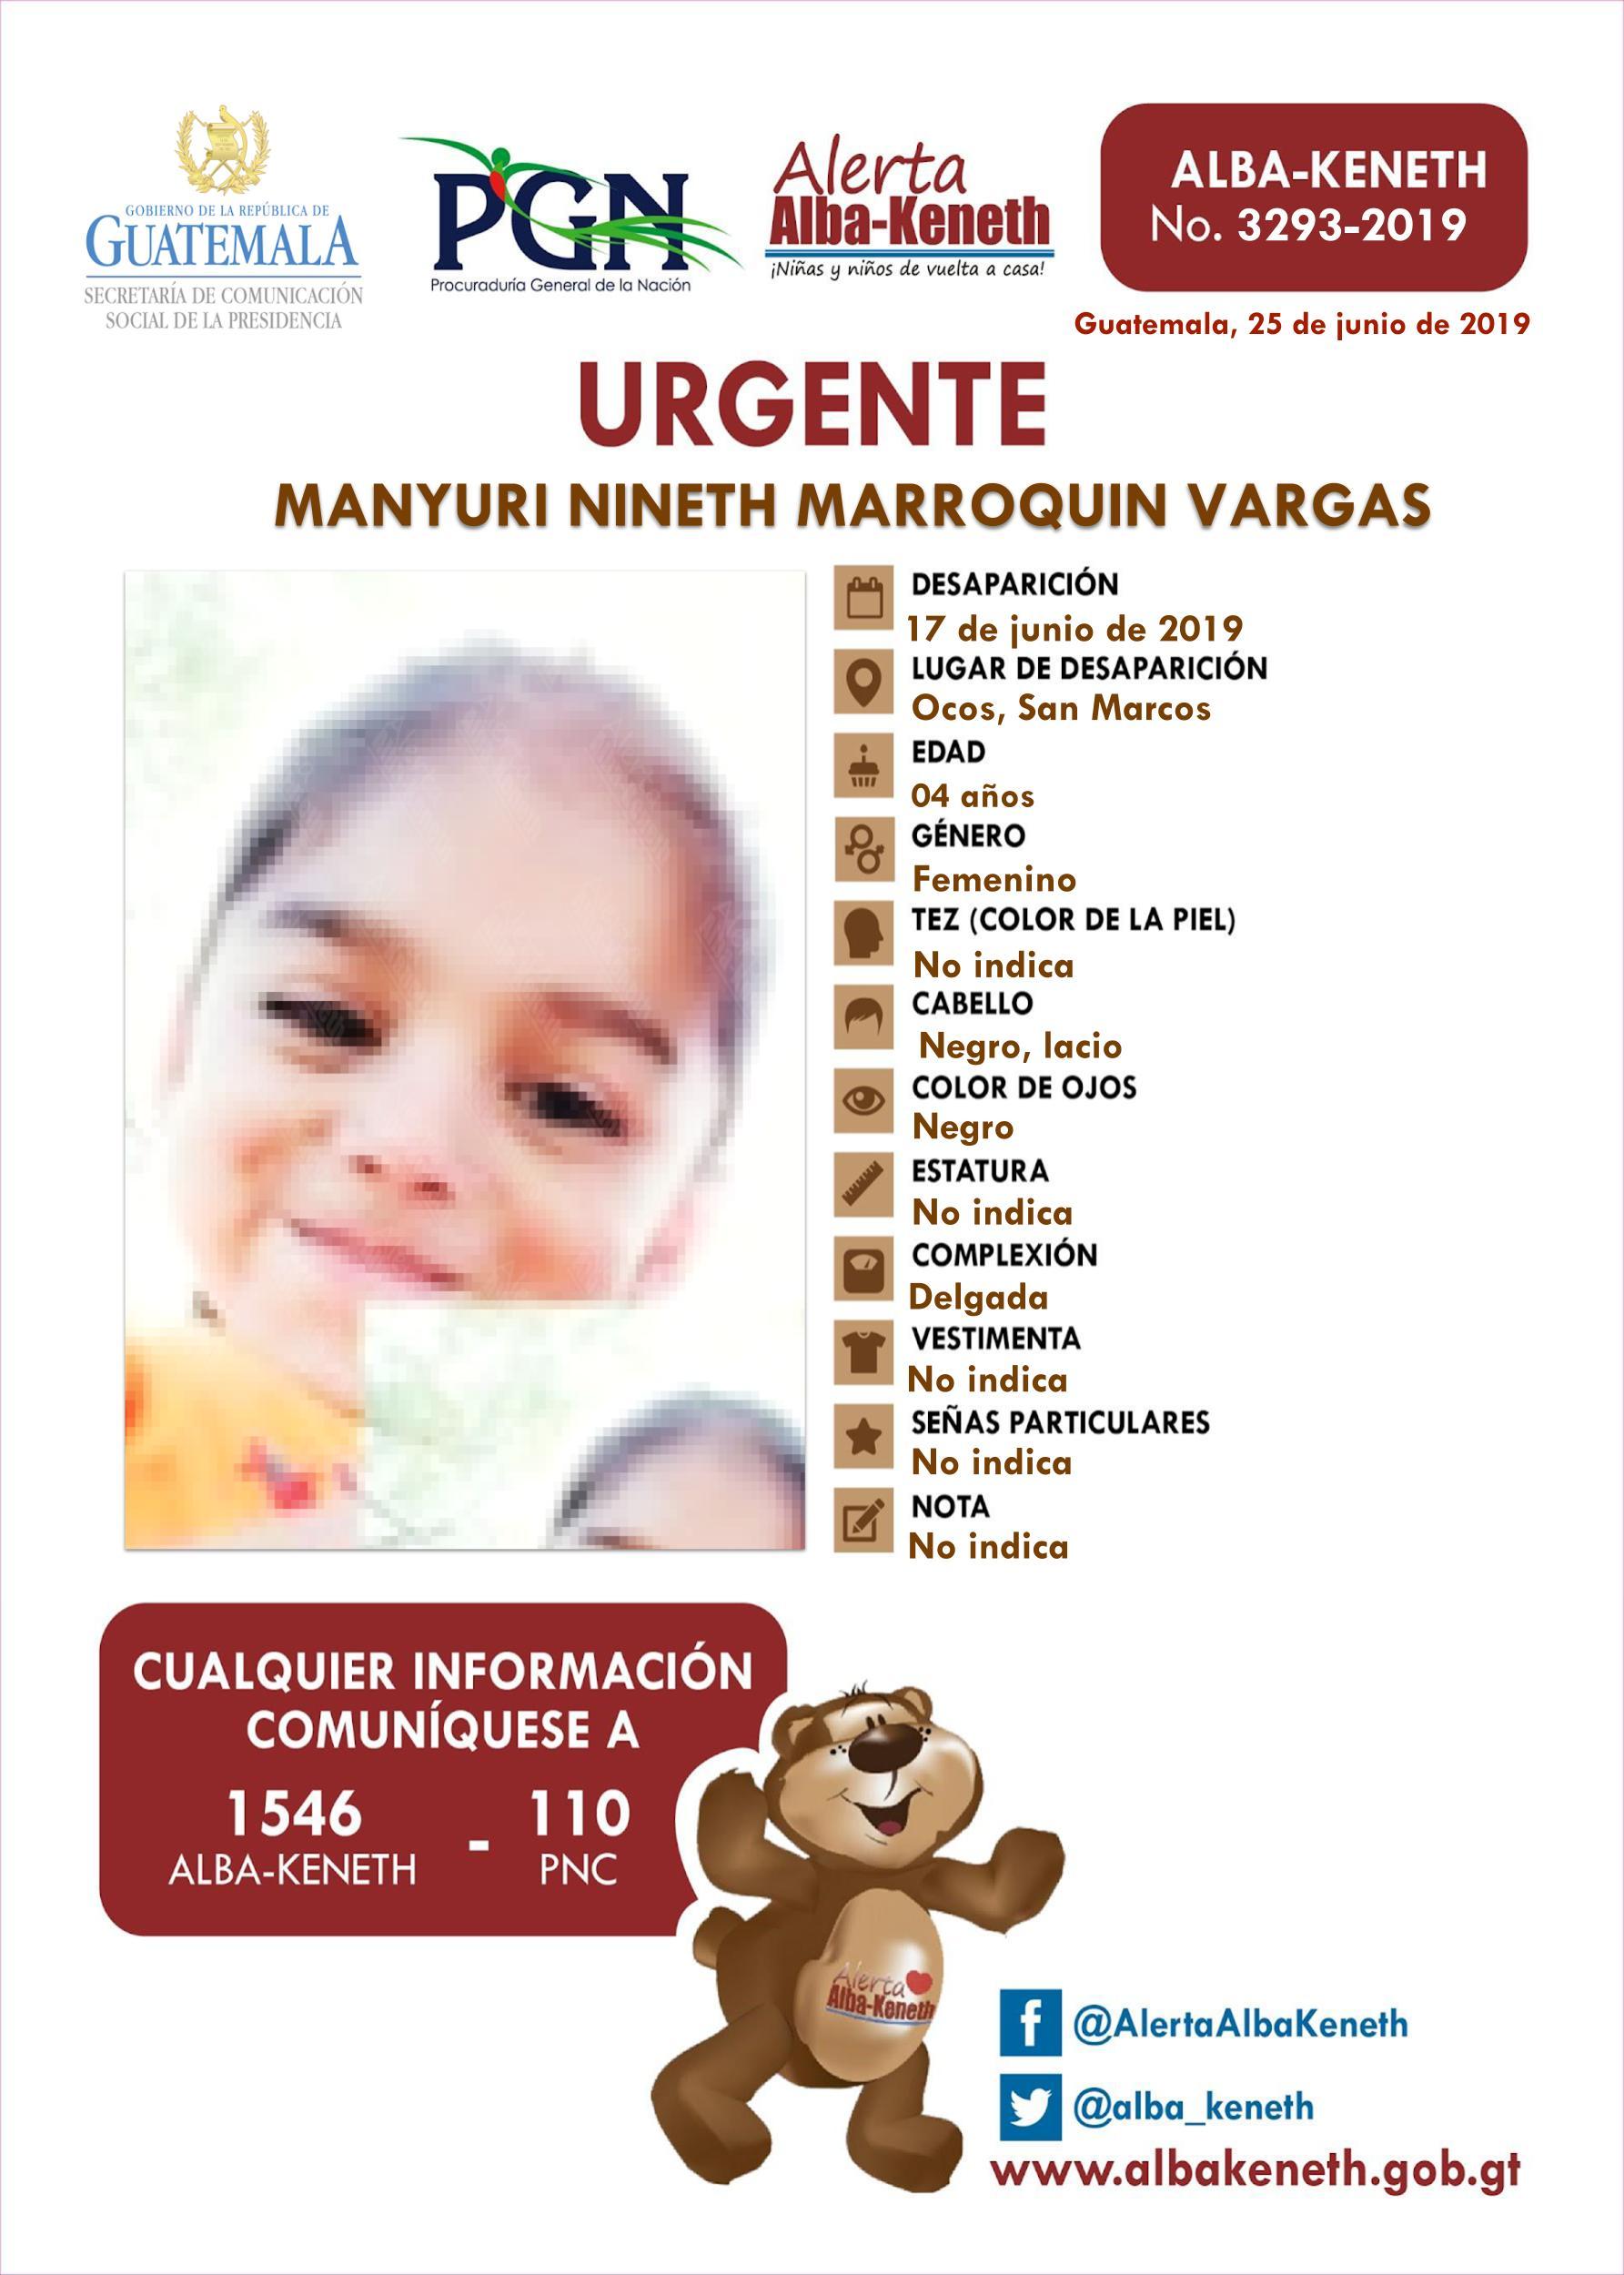 Manyuri Nineth Marroquin Vargas